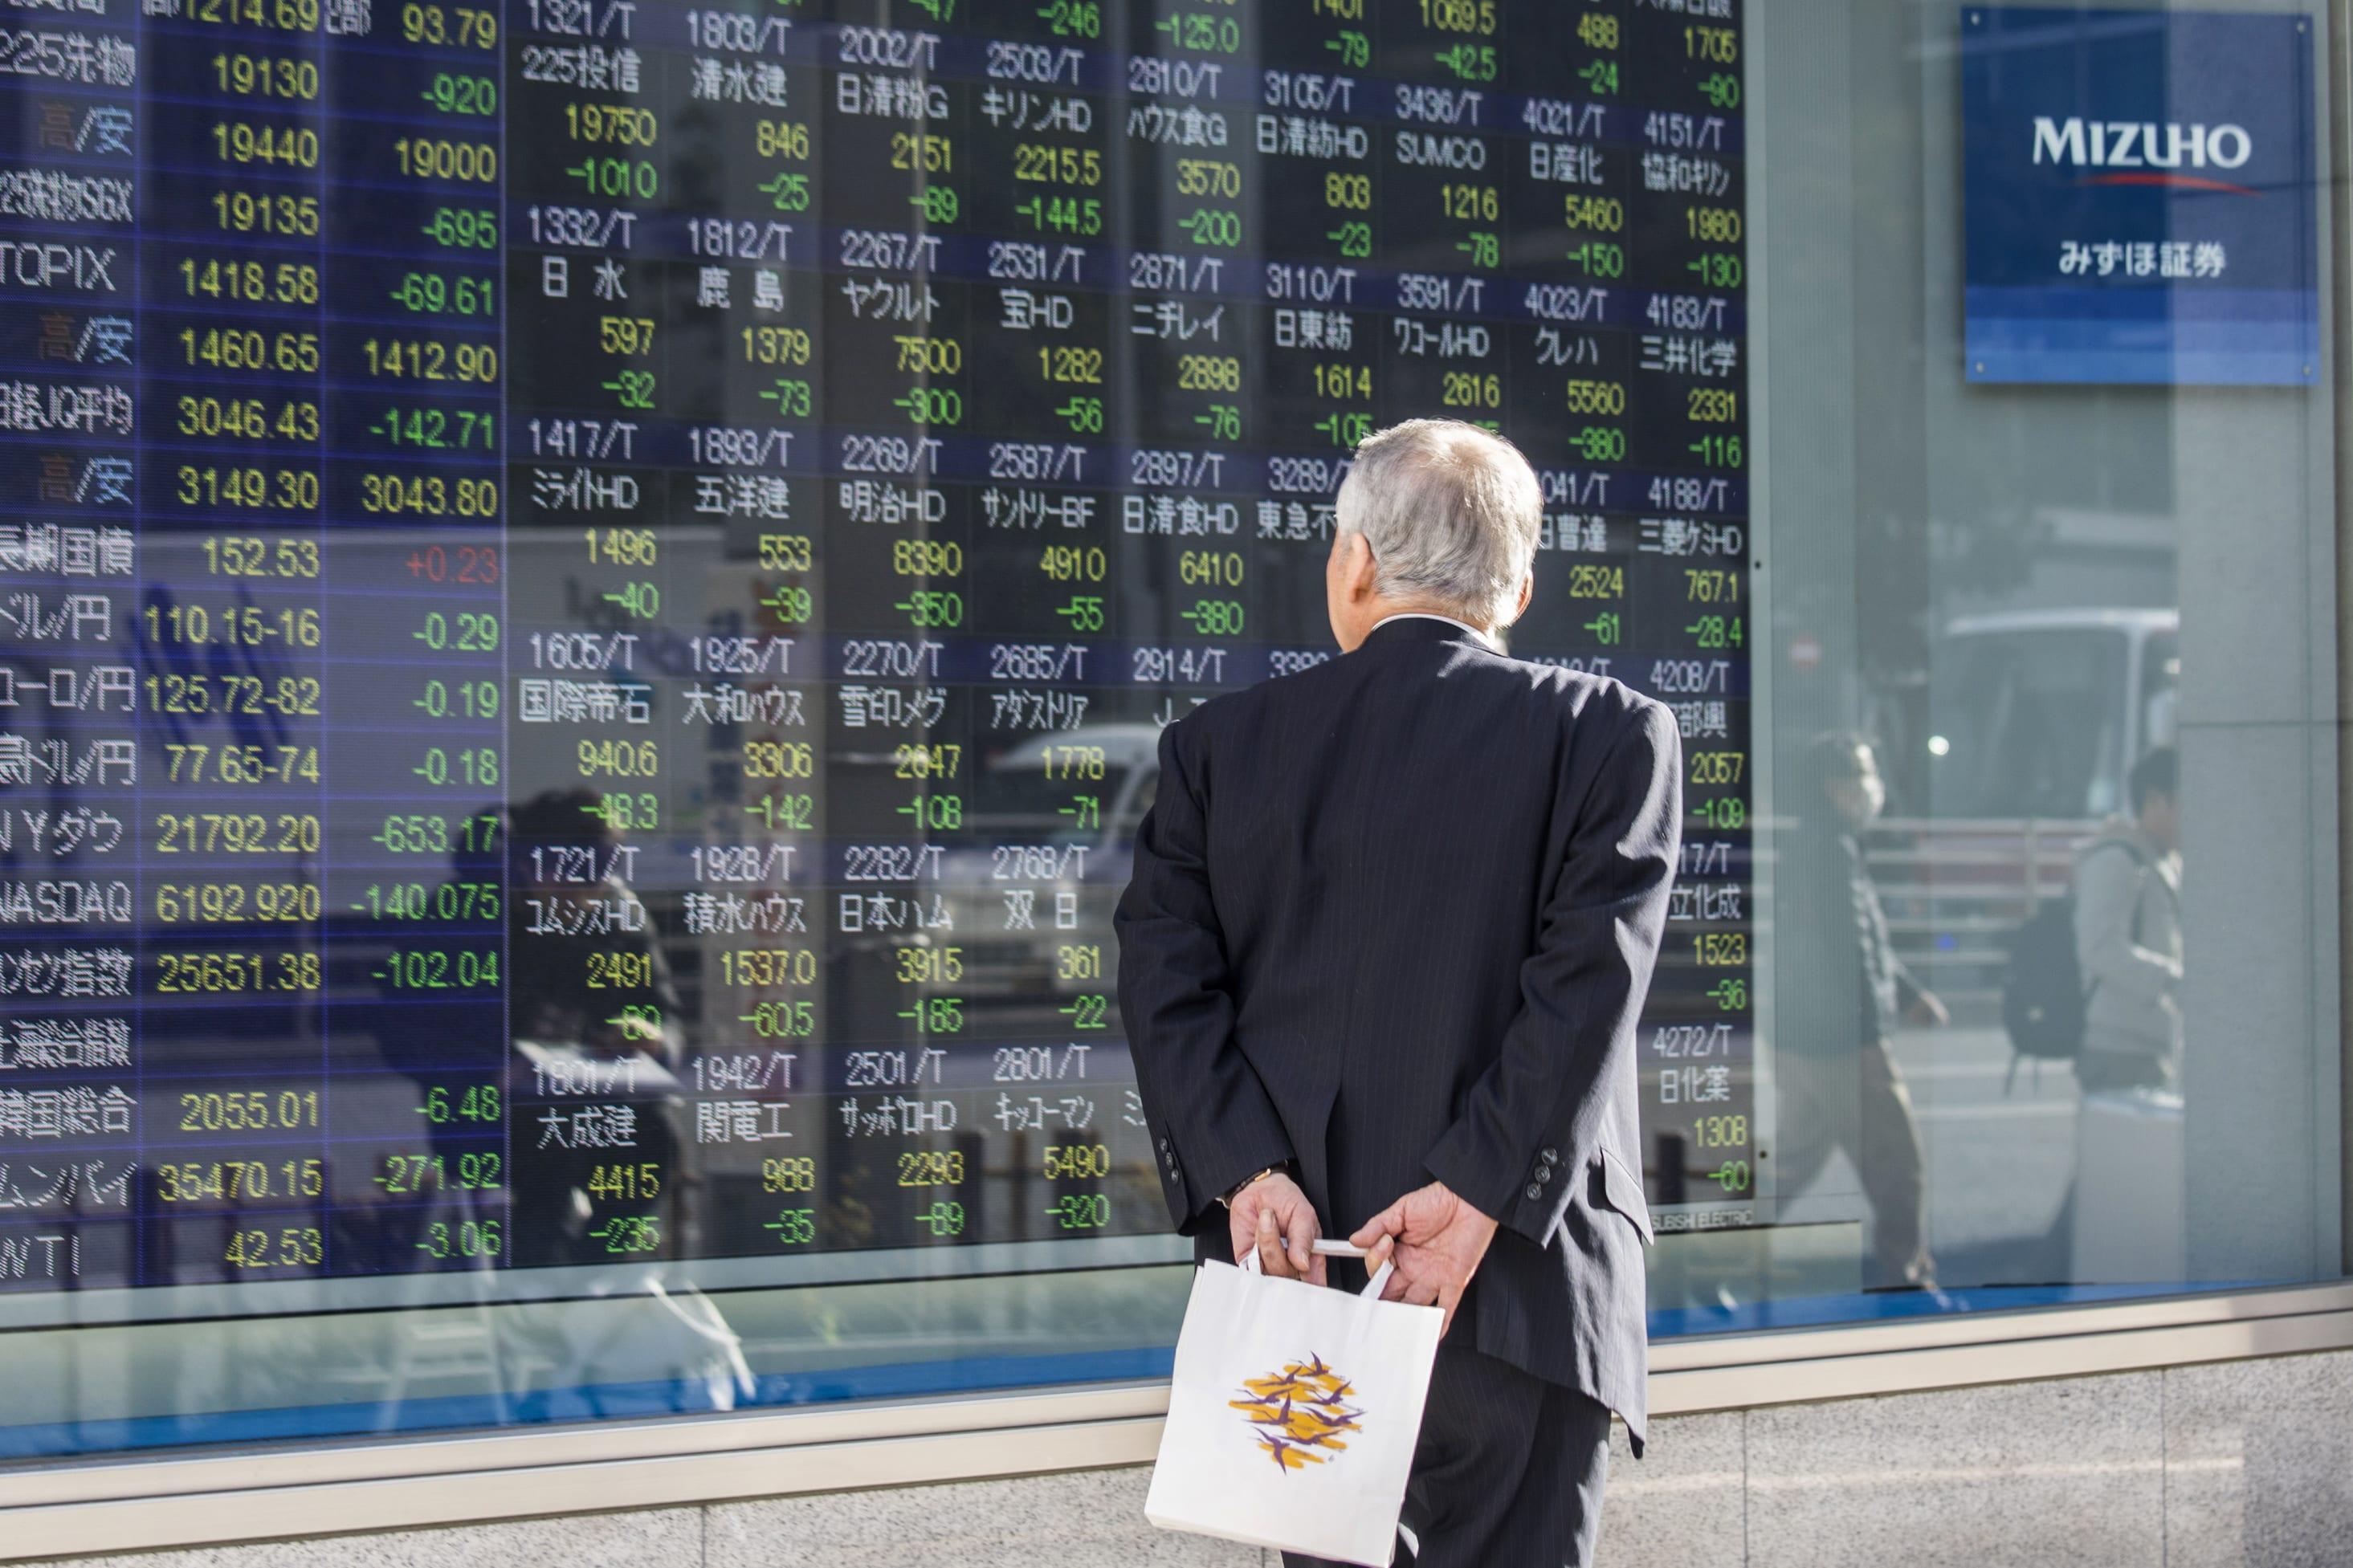 Nhật Bản điều chỉnh giảm GDP quý II, chứng khoán châu Á tăng